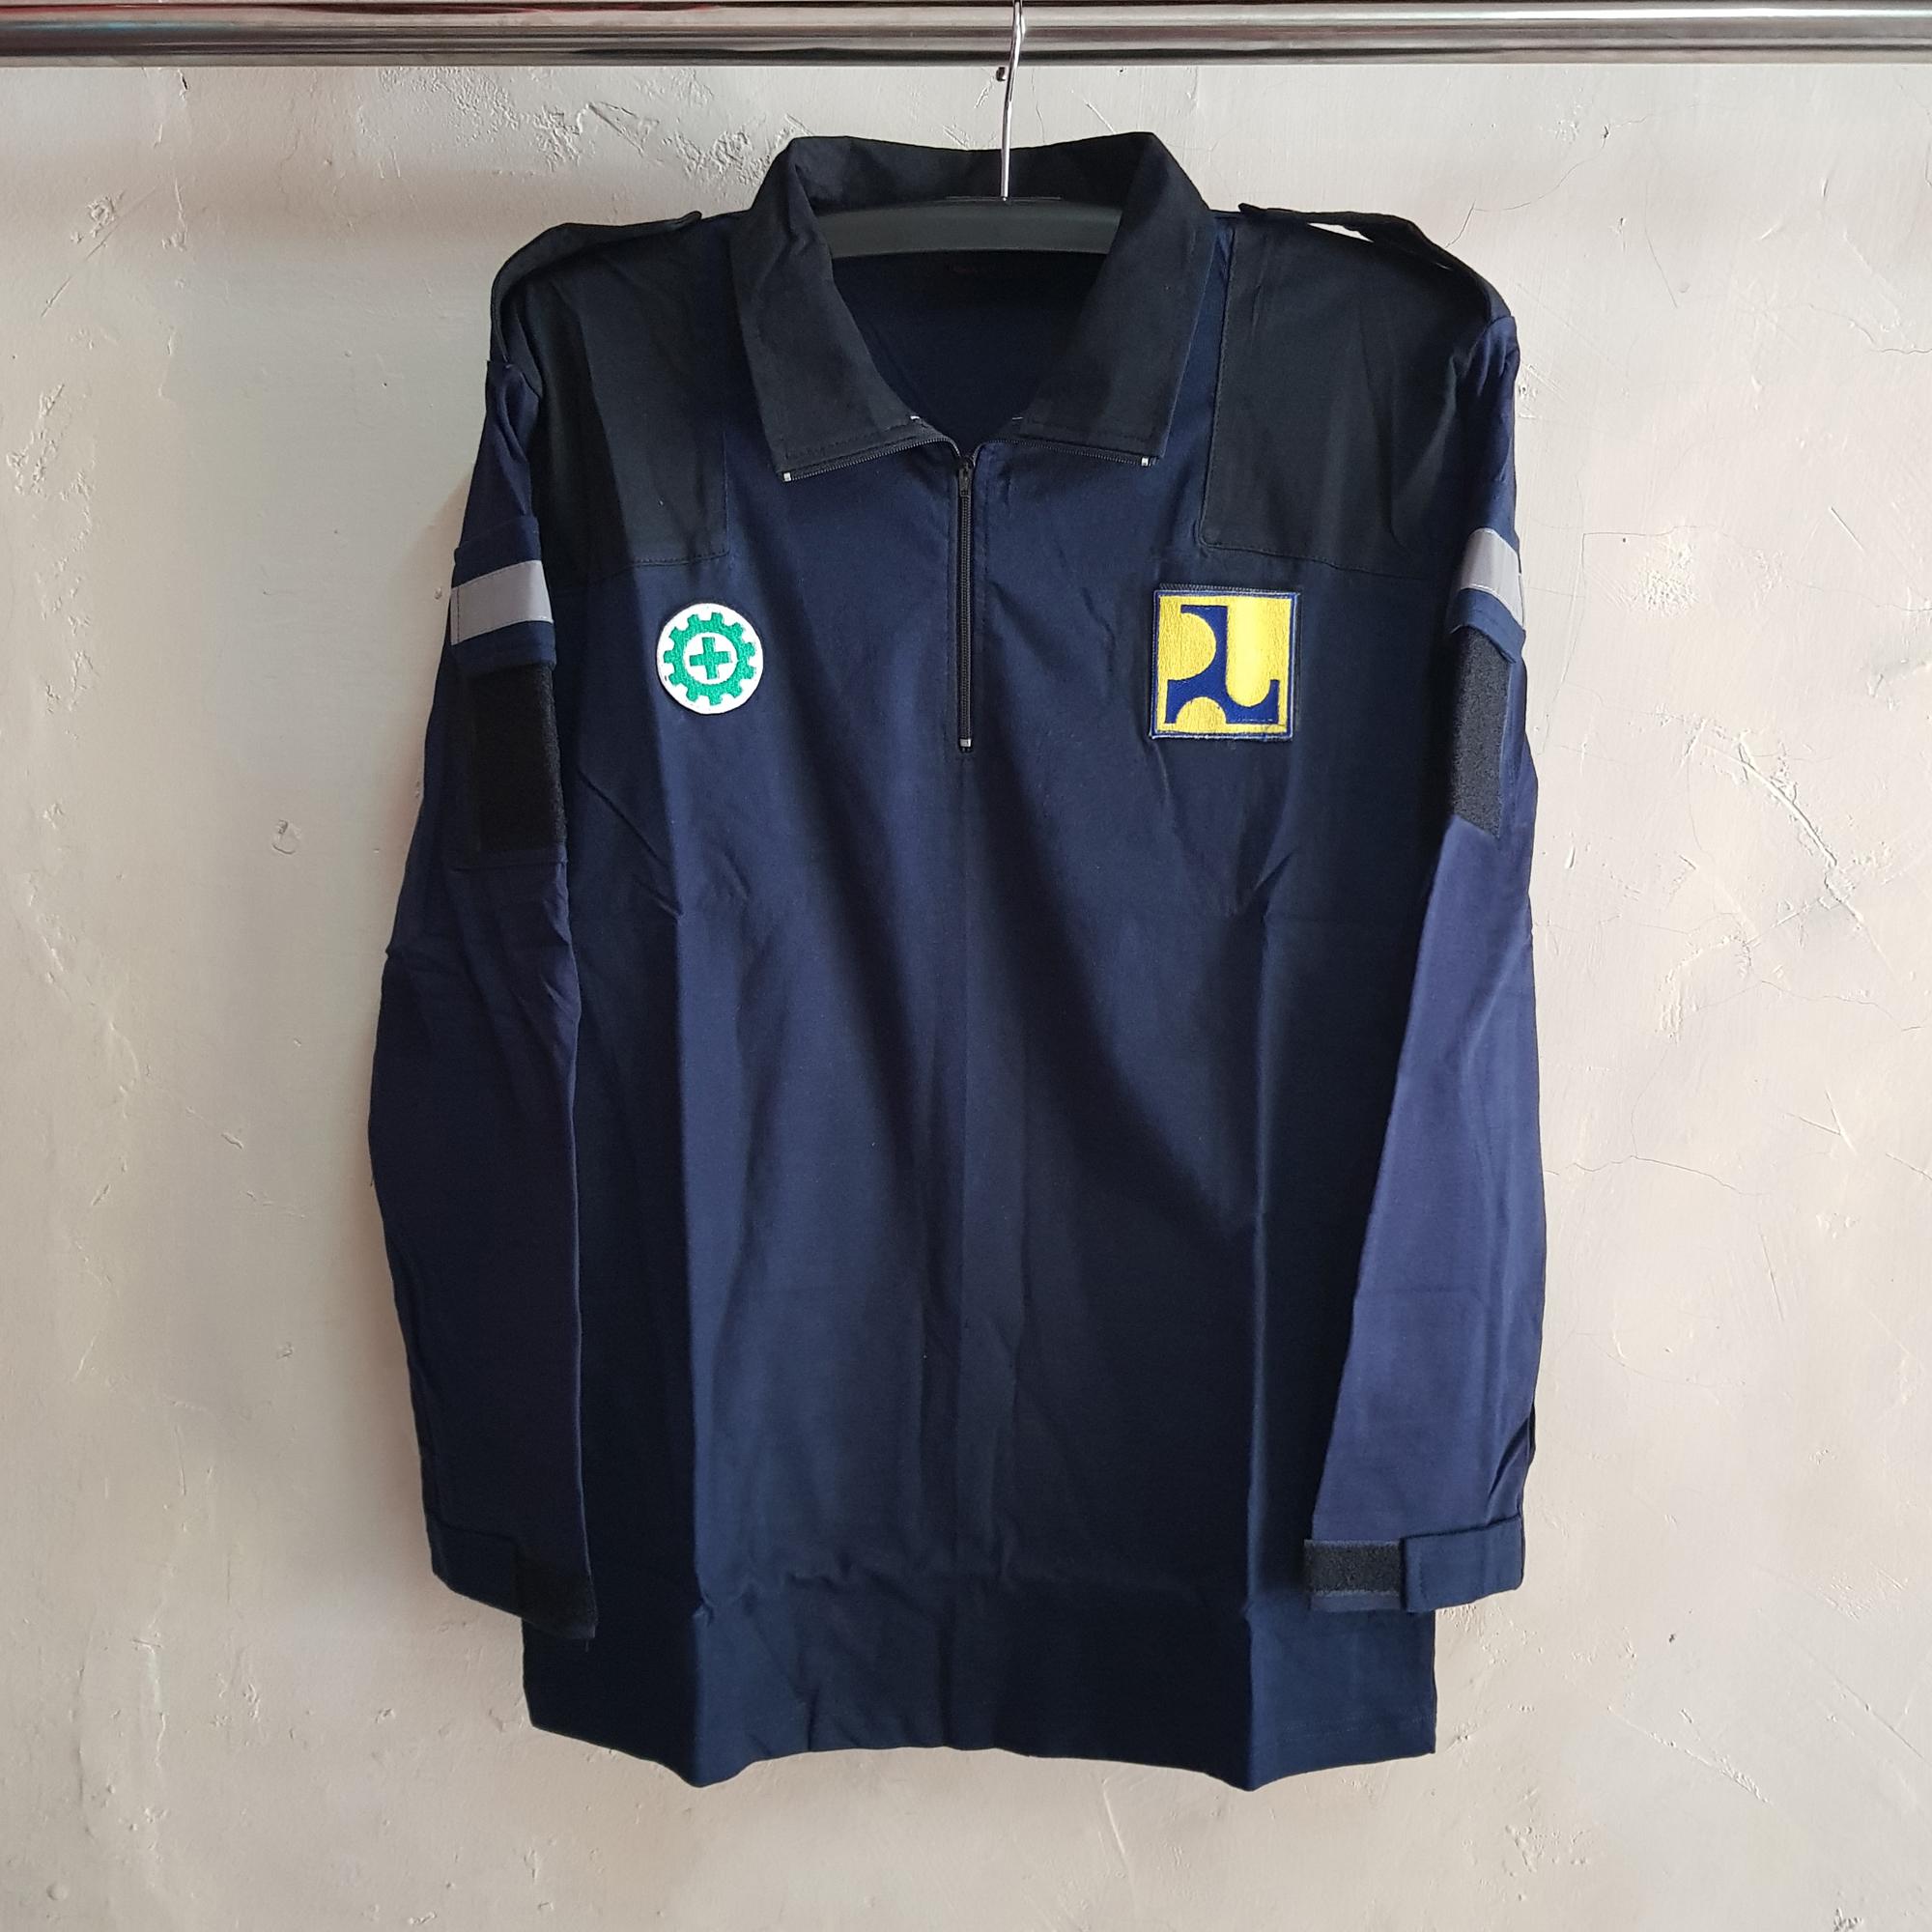 Seragam Kaos Tactical Cotton Combad, PU